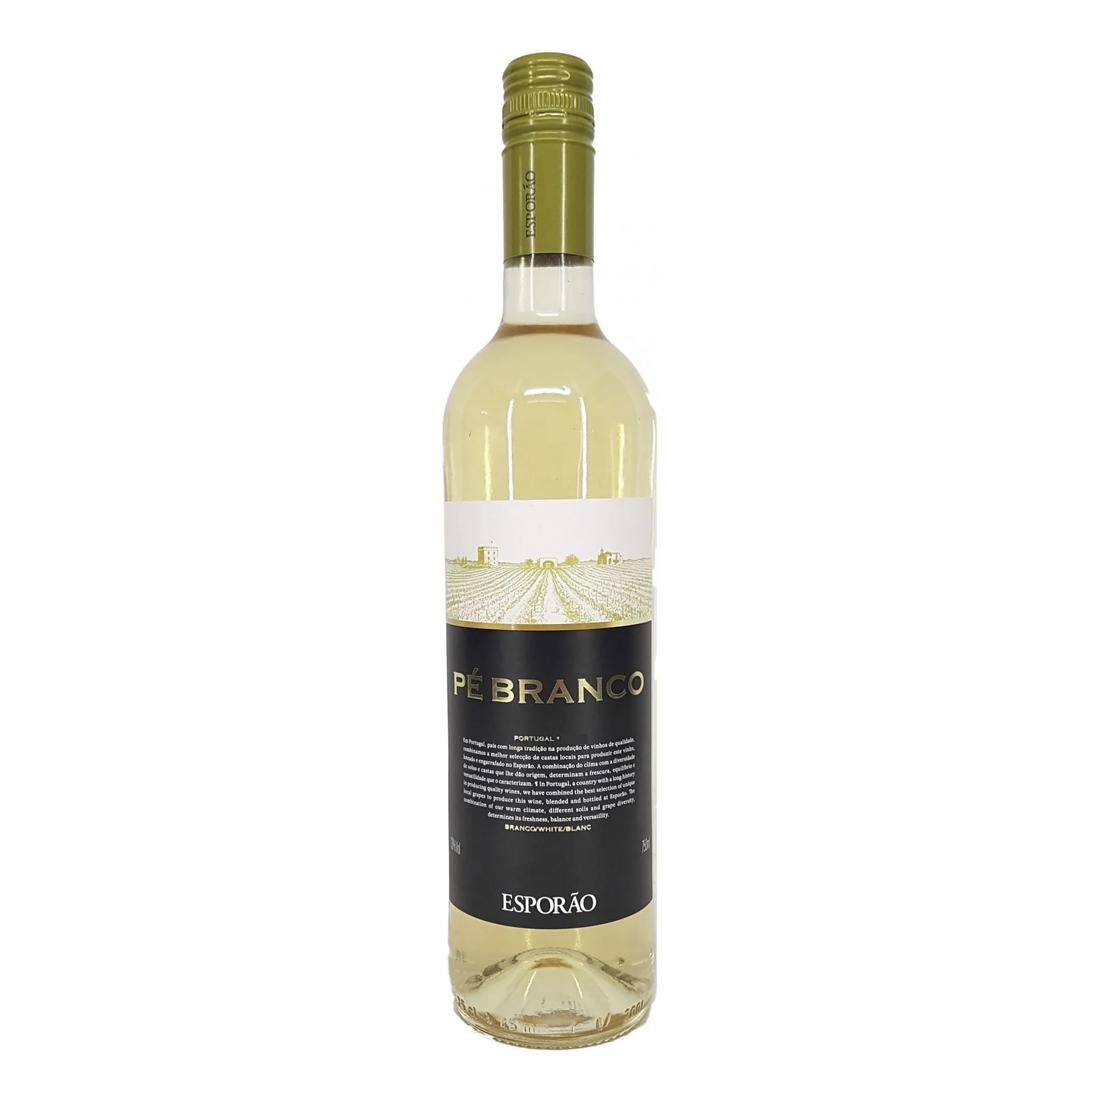 Vinho Esporão Pé Branco 750 ml